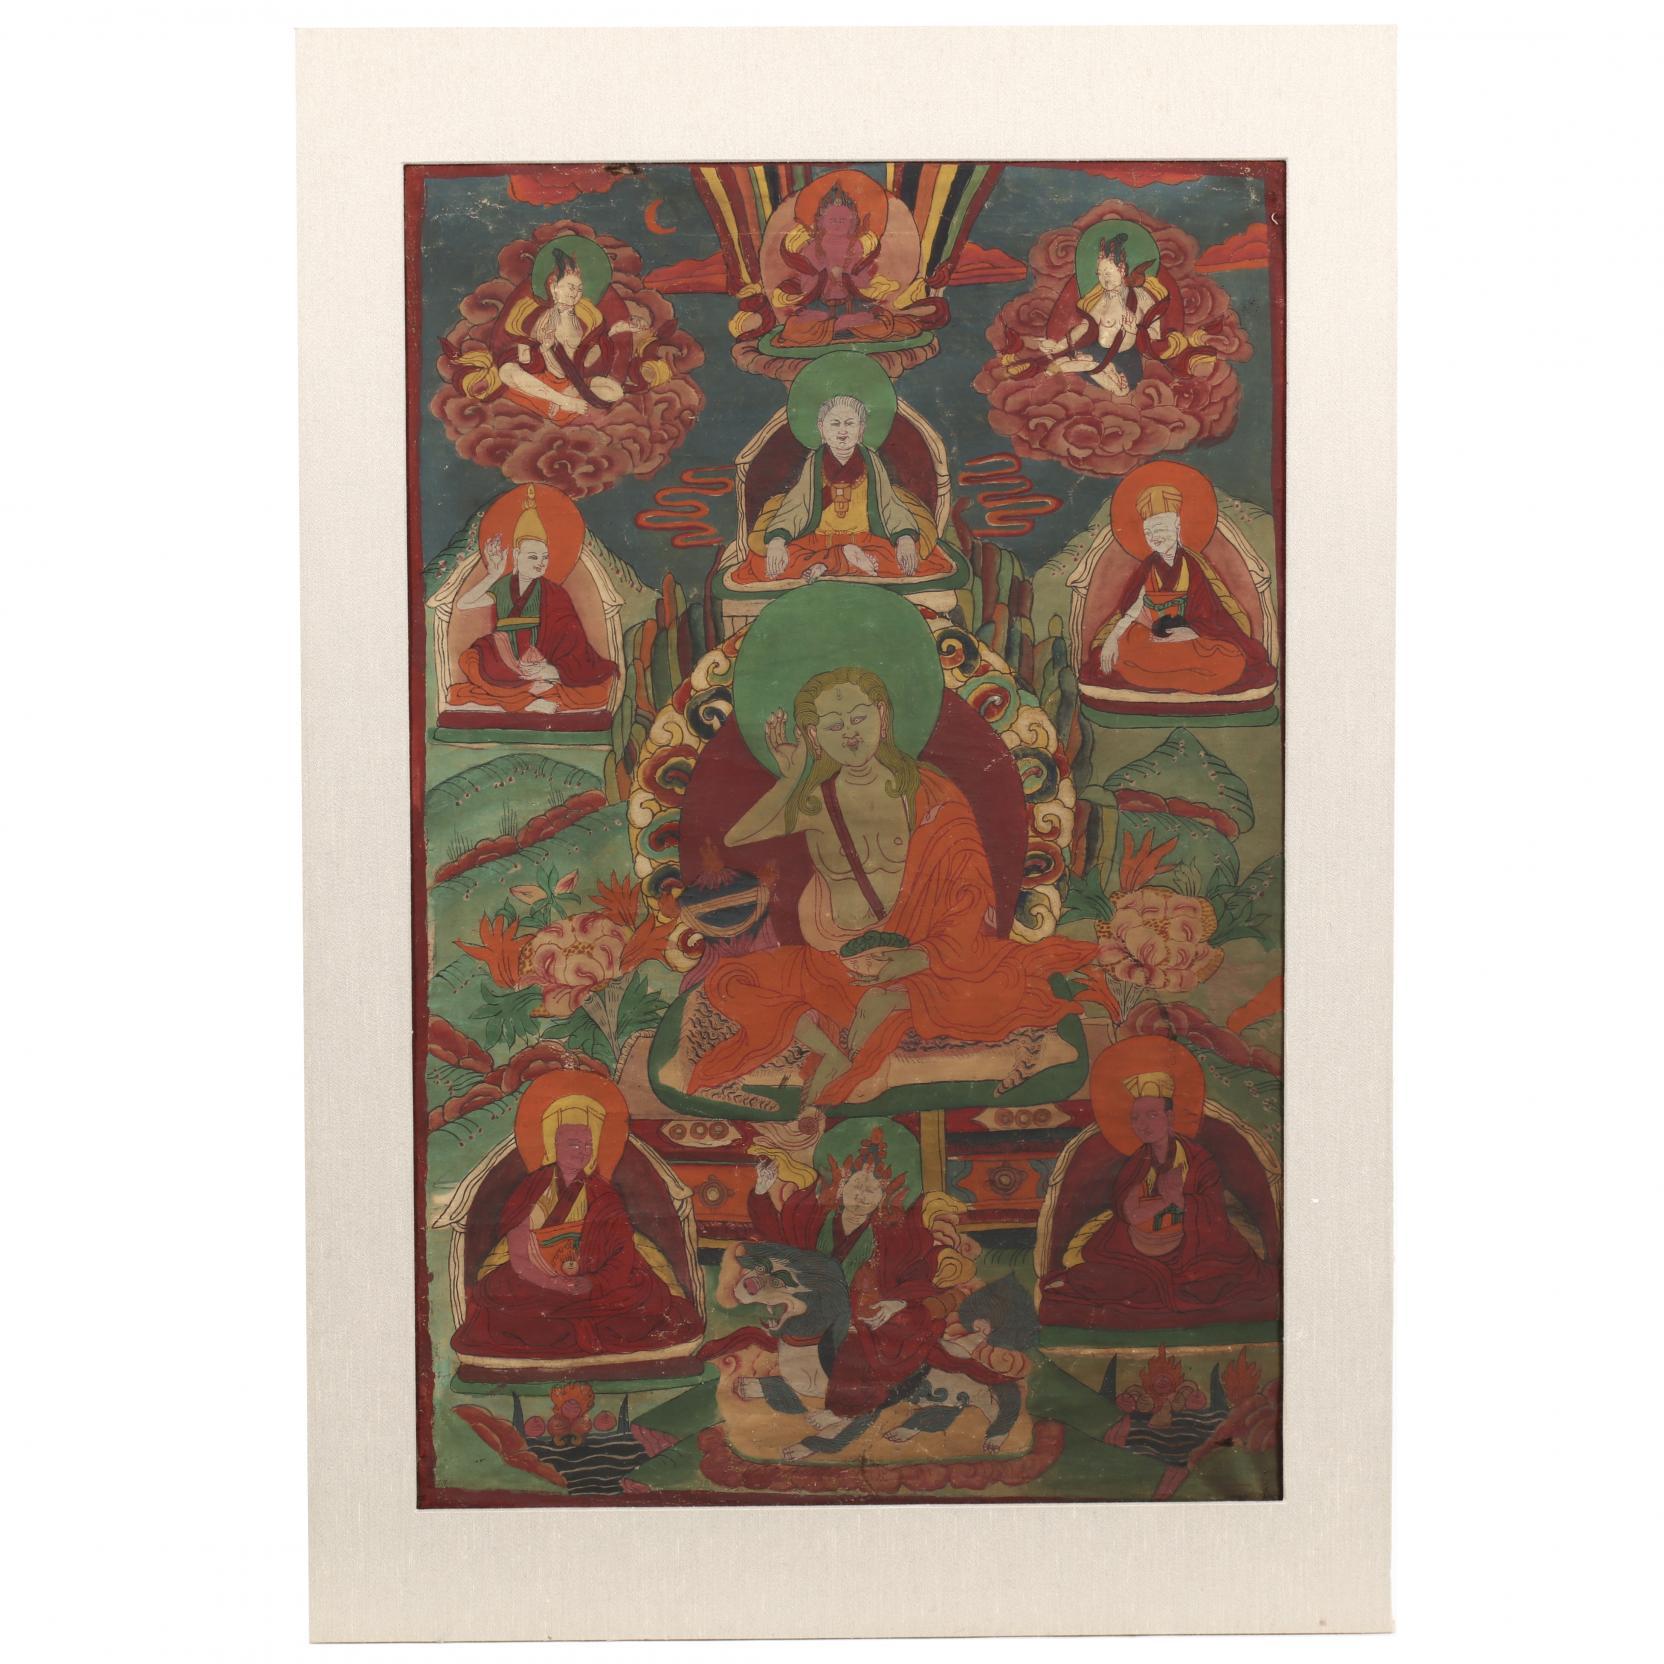 a-tibetan-or-nepalese-thangka-of-milarepa